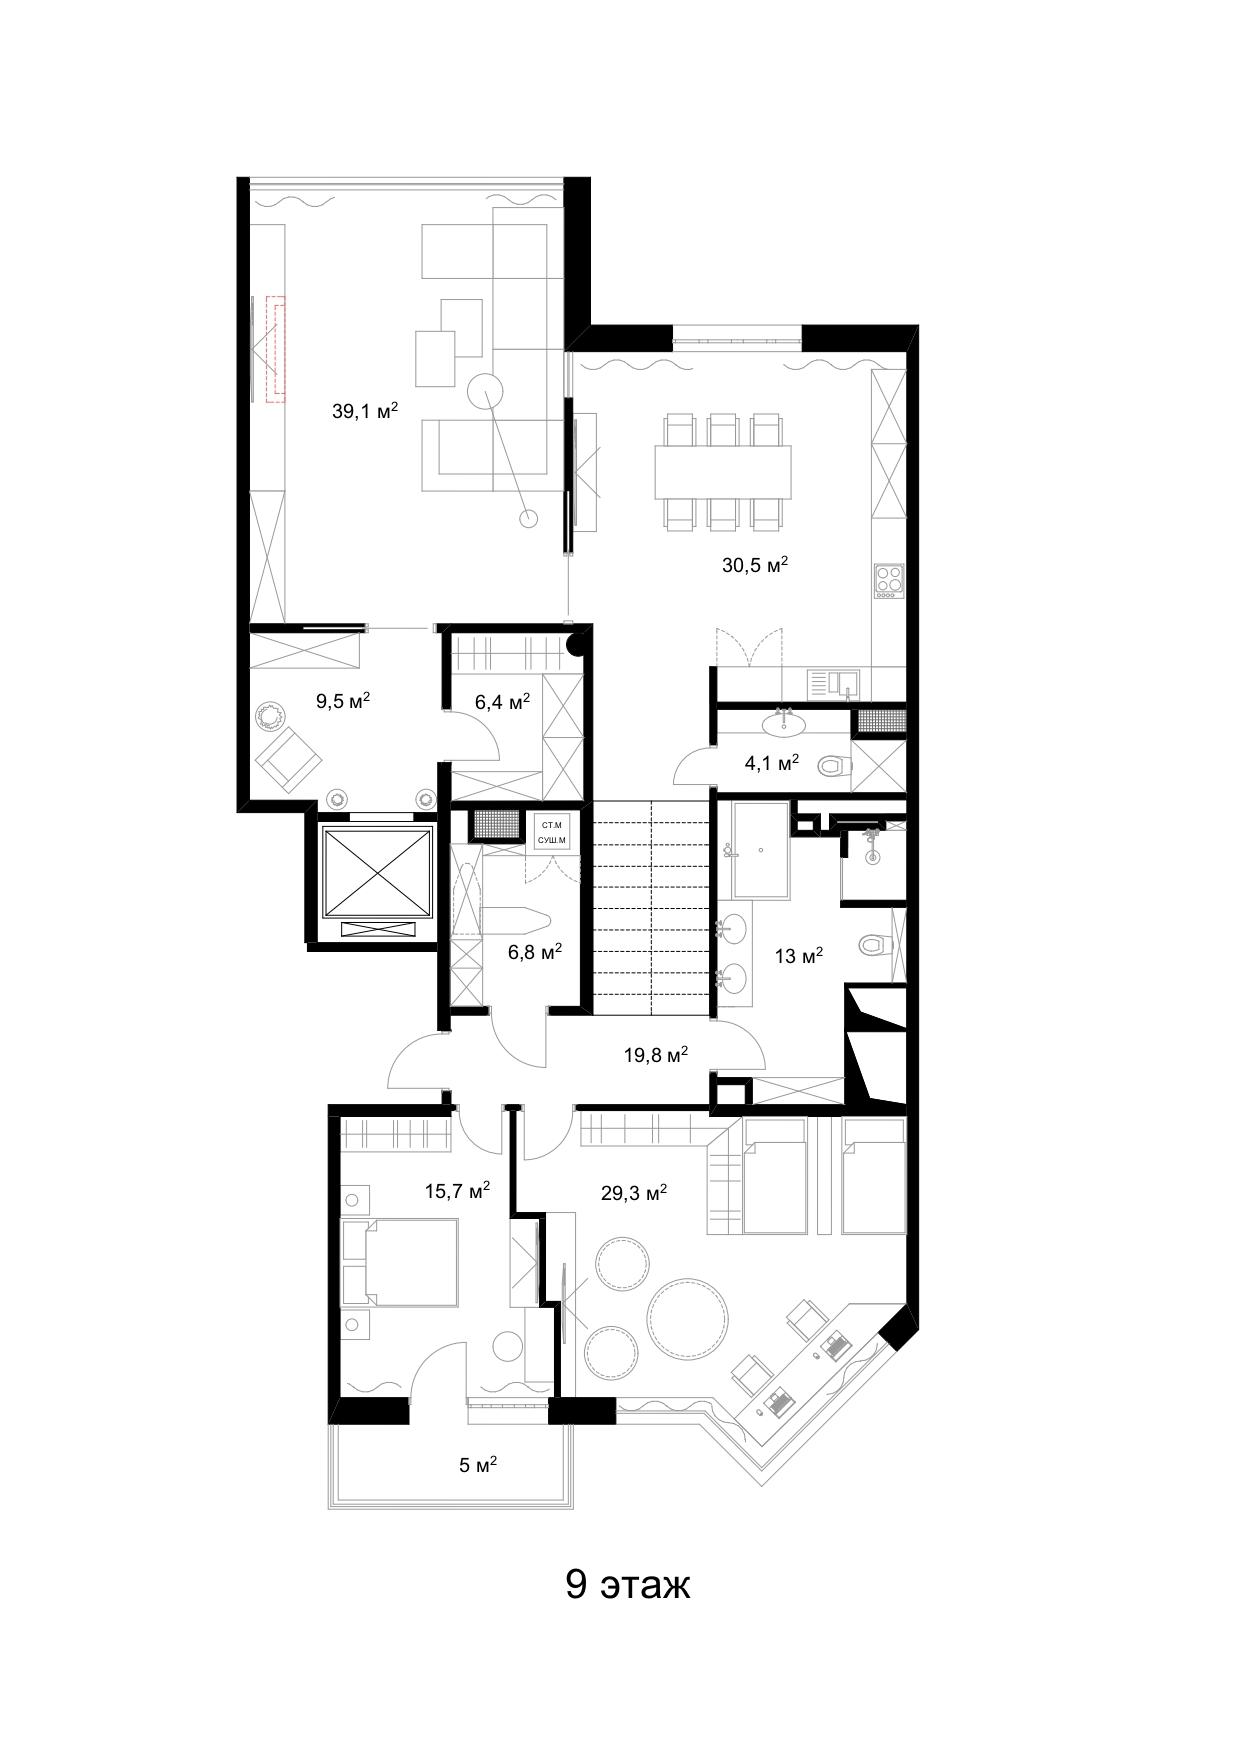 Планировочные решения трехуровневой квартиры 280 кв.м. с террасой в 123 кв.м. на Петроградском о-ве.